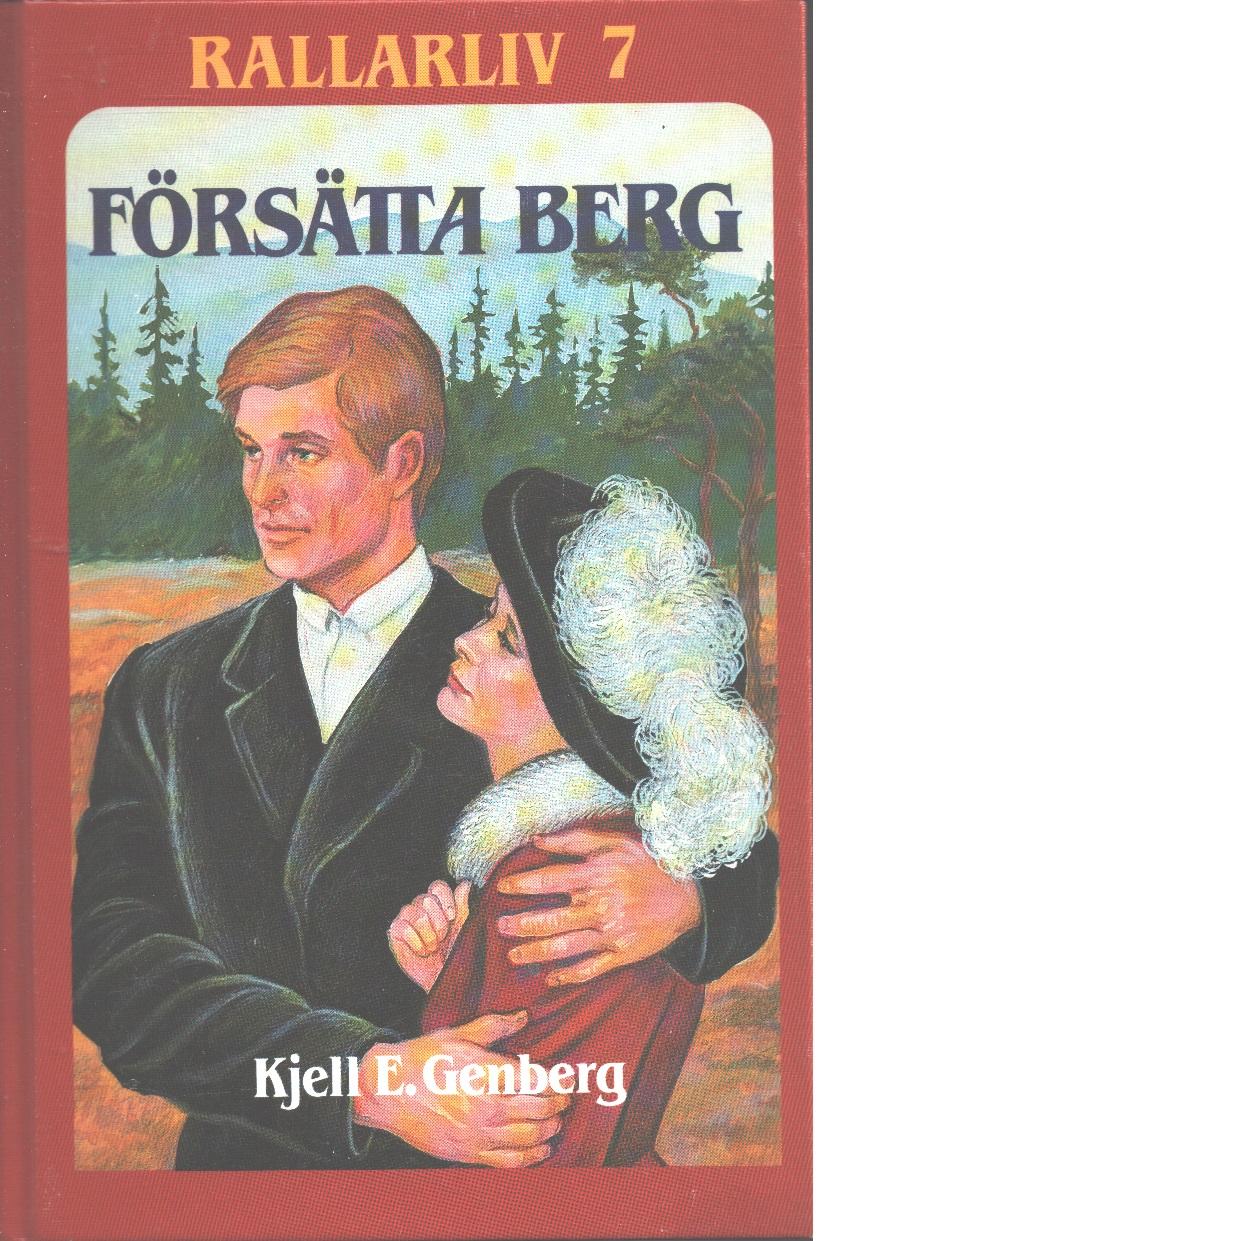 Rallarliv 7 : Försätta berg - Genberg, Kjell E.